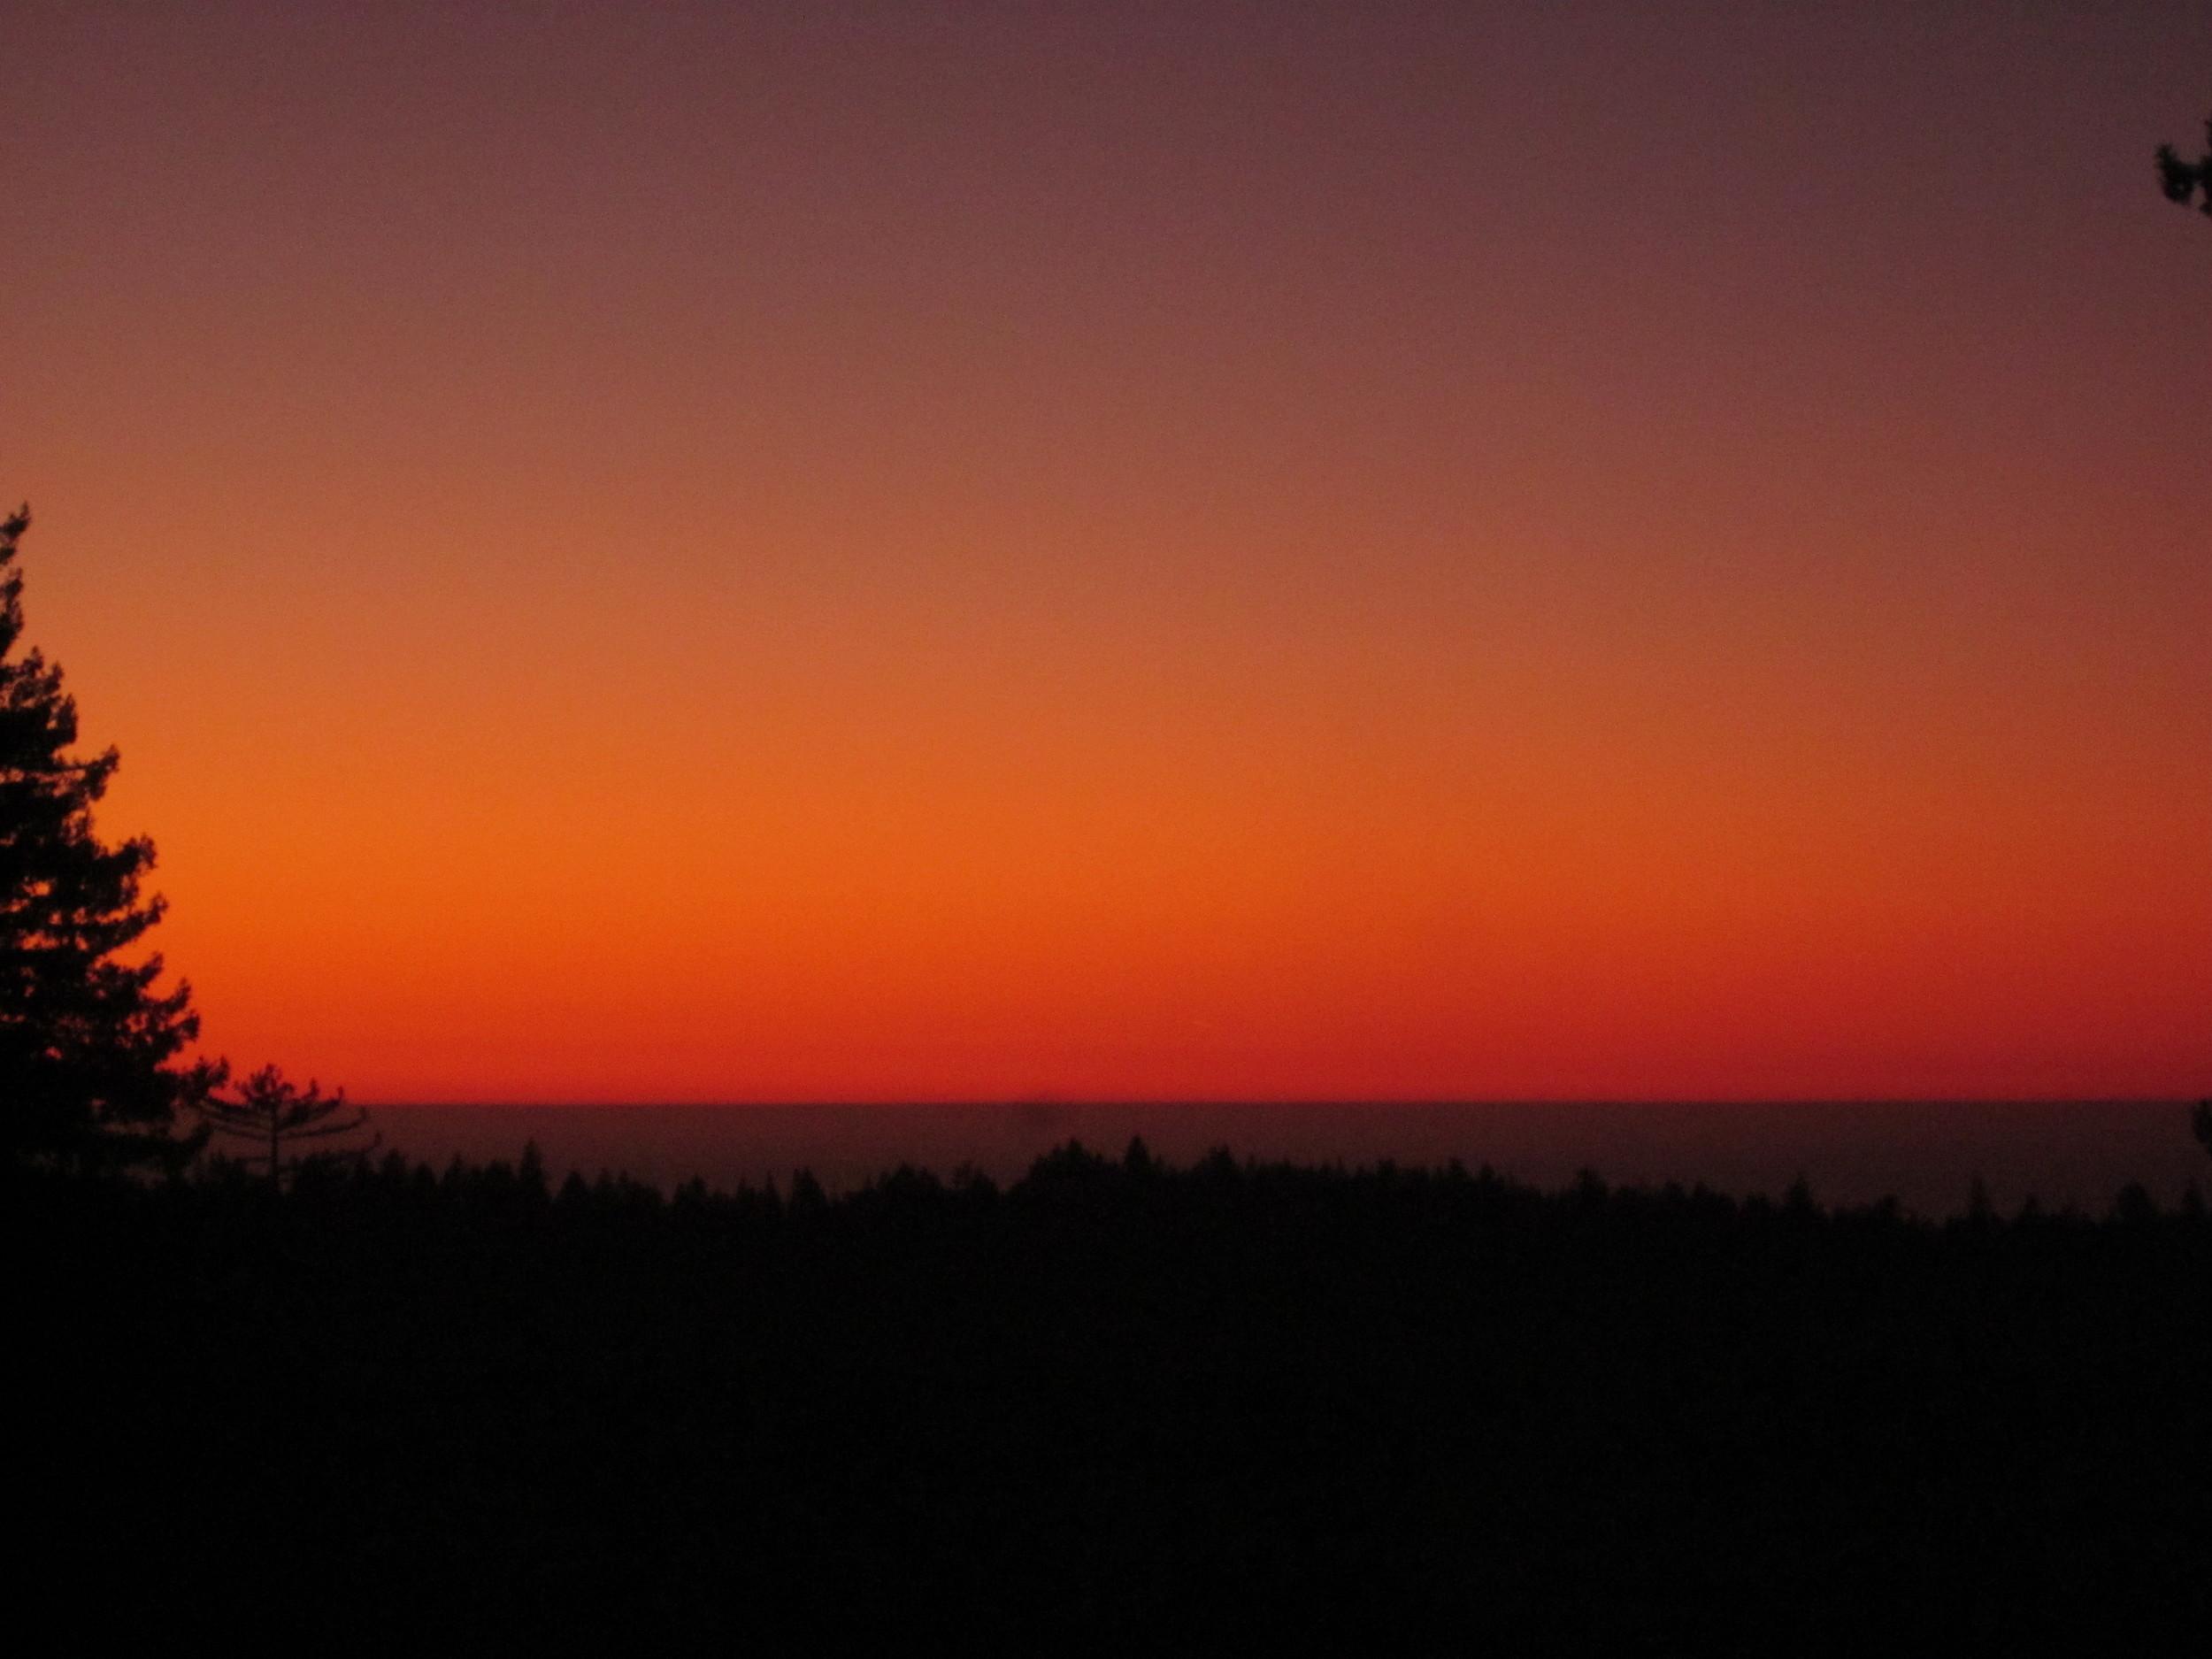 Sunset at Hirsch